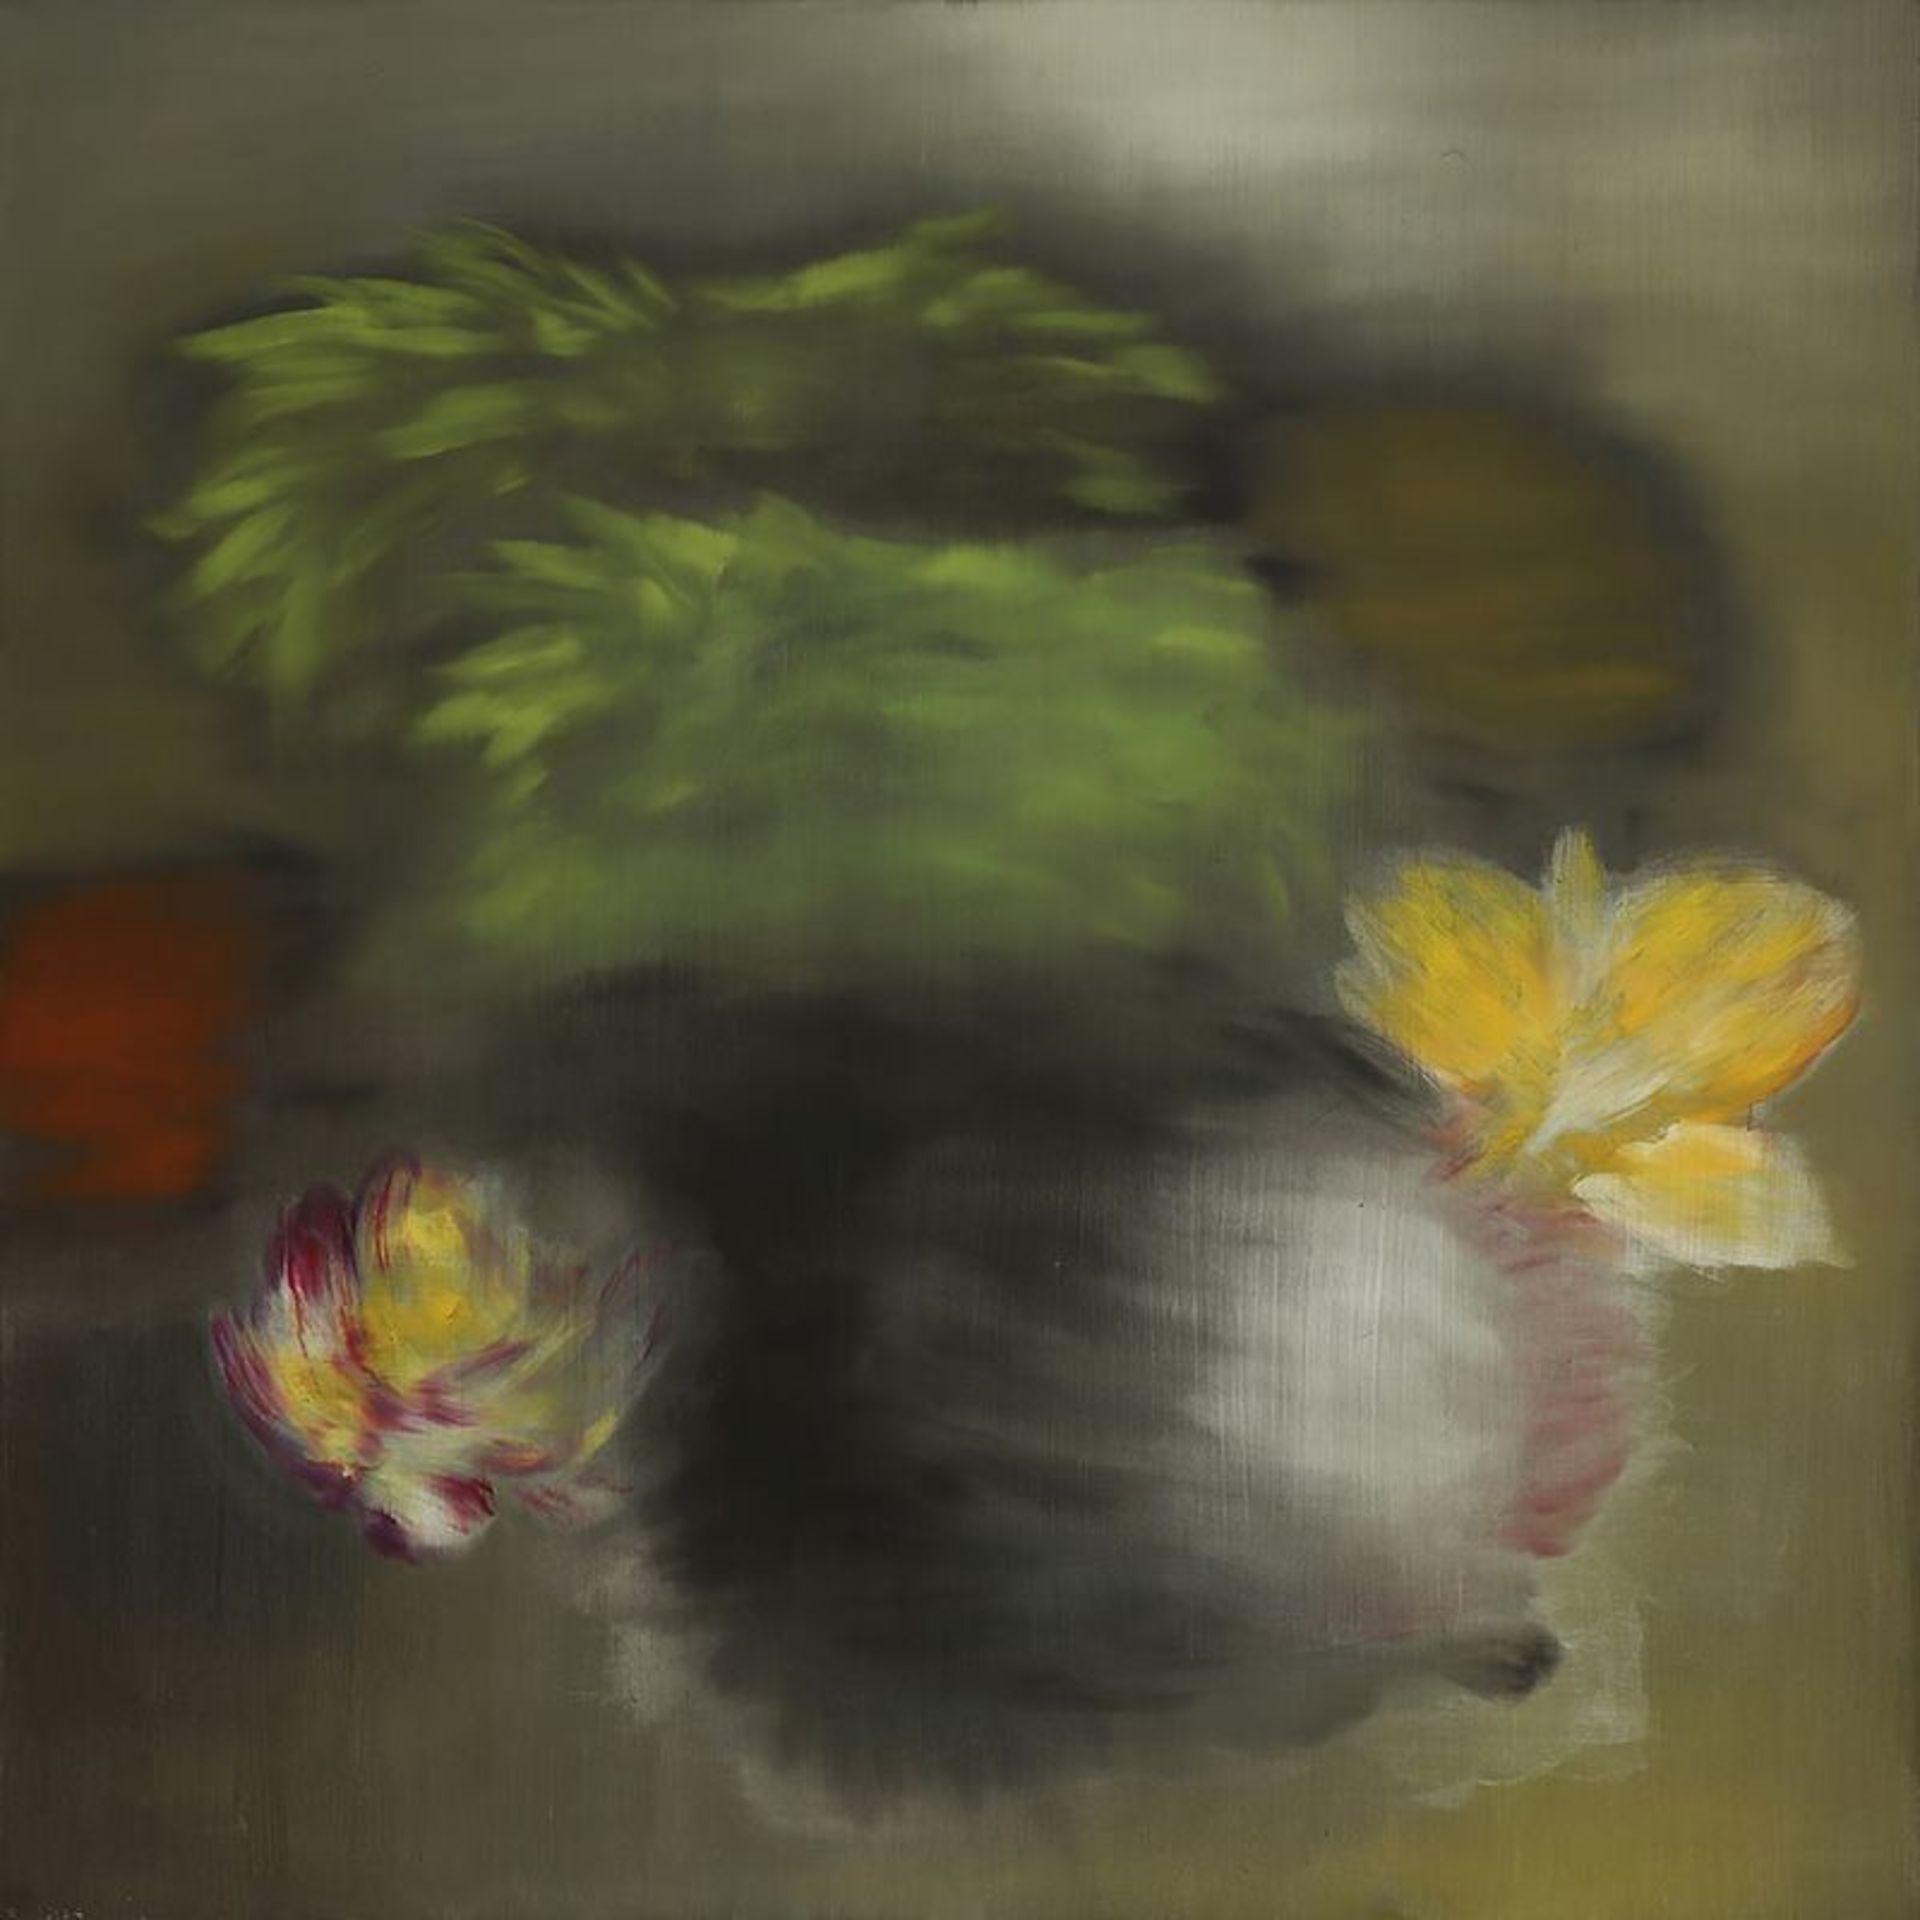 Ross Bleckner (né en 1949) - Kind and Loving, 2012 - Huile sur toile - Signé, [...]